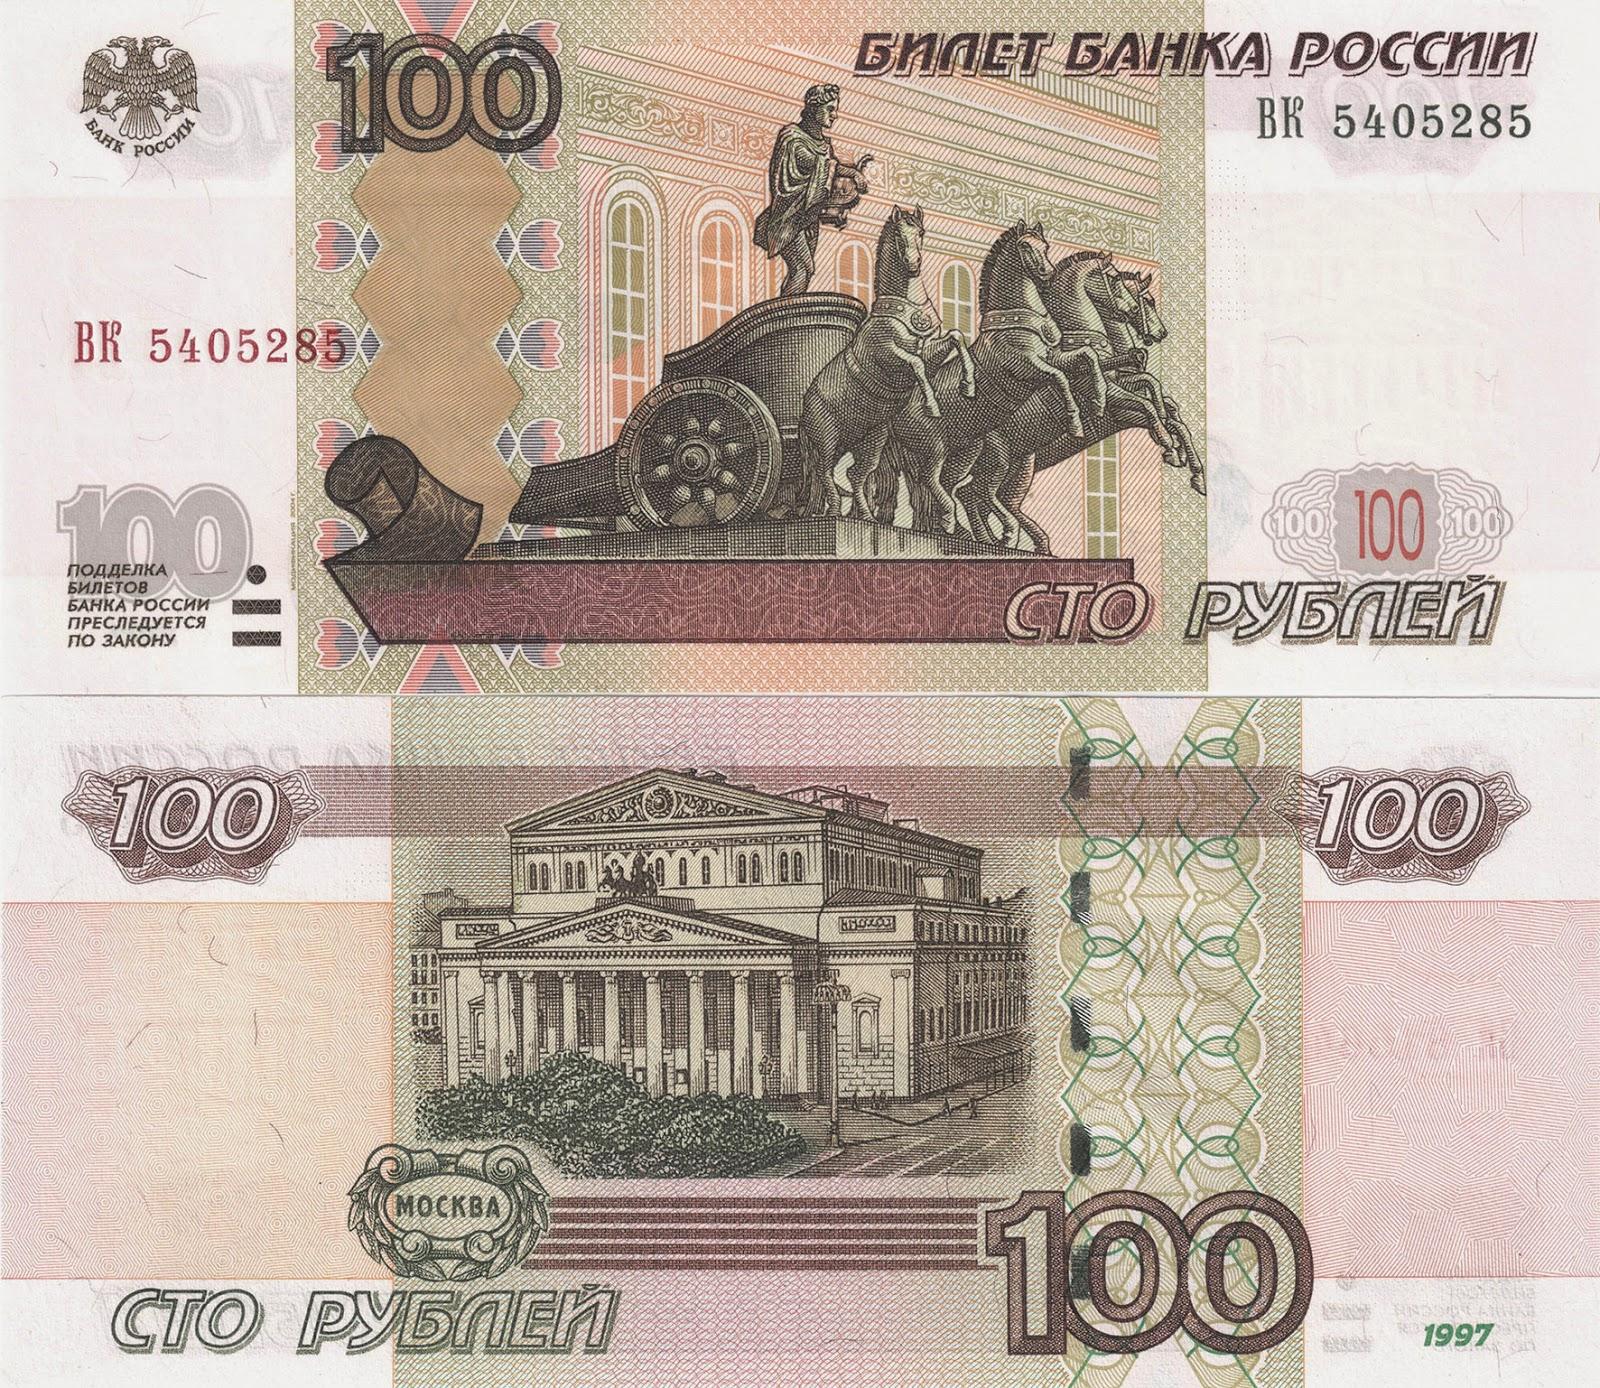 Российские купюры фото купить планшет для ювелирных изделий